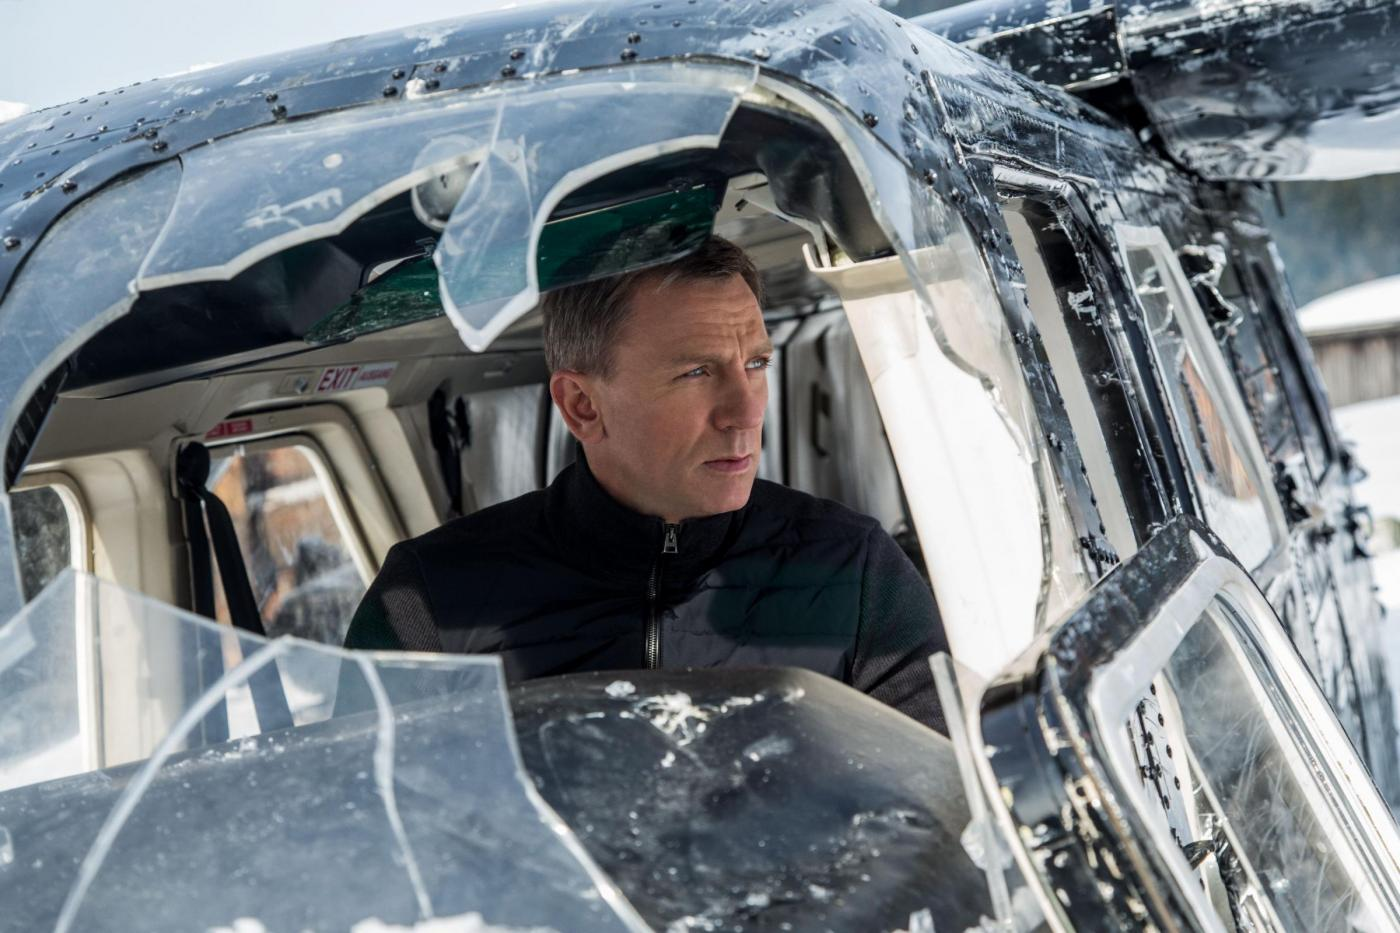 007 Spectre personaggi